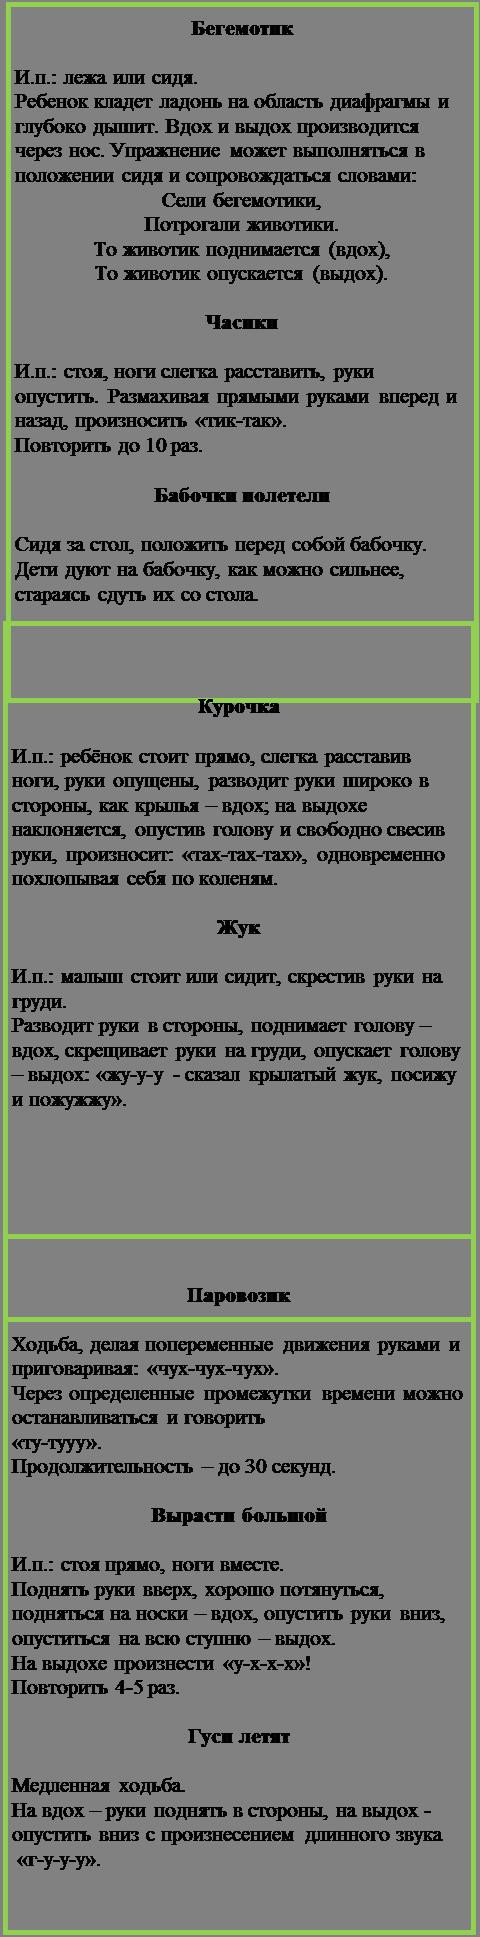 Надпись: Бегемотик  И.п.: лежа или сидя.  Ребенок кладет ладонь на область диафрагмы и глубоко дышит. Вдох и выдох производится через нос. Упражнение может выполняться в положении сидя и сопровождаться словами: Сели бегемотики,  Потрогали животики. То животик поднимается (вдох), То животик опускается (выдох).  Часики  И.п.: стоя, ноги слегка расставить, руки опустить. Размахивая прямыми руками вперед и назад, произносить «тик-так».  Повторить до 10 раз.  Бабочки полетели  Сидя за стол, положить перед собой бабочку. Дети дуют на бабочку, как можно сильнее, стараясь сдуть их со стола.